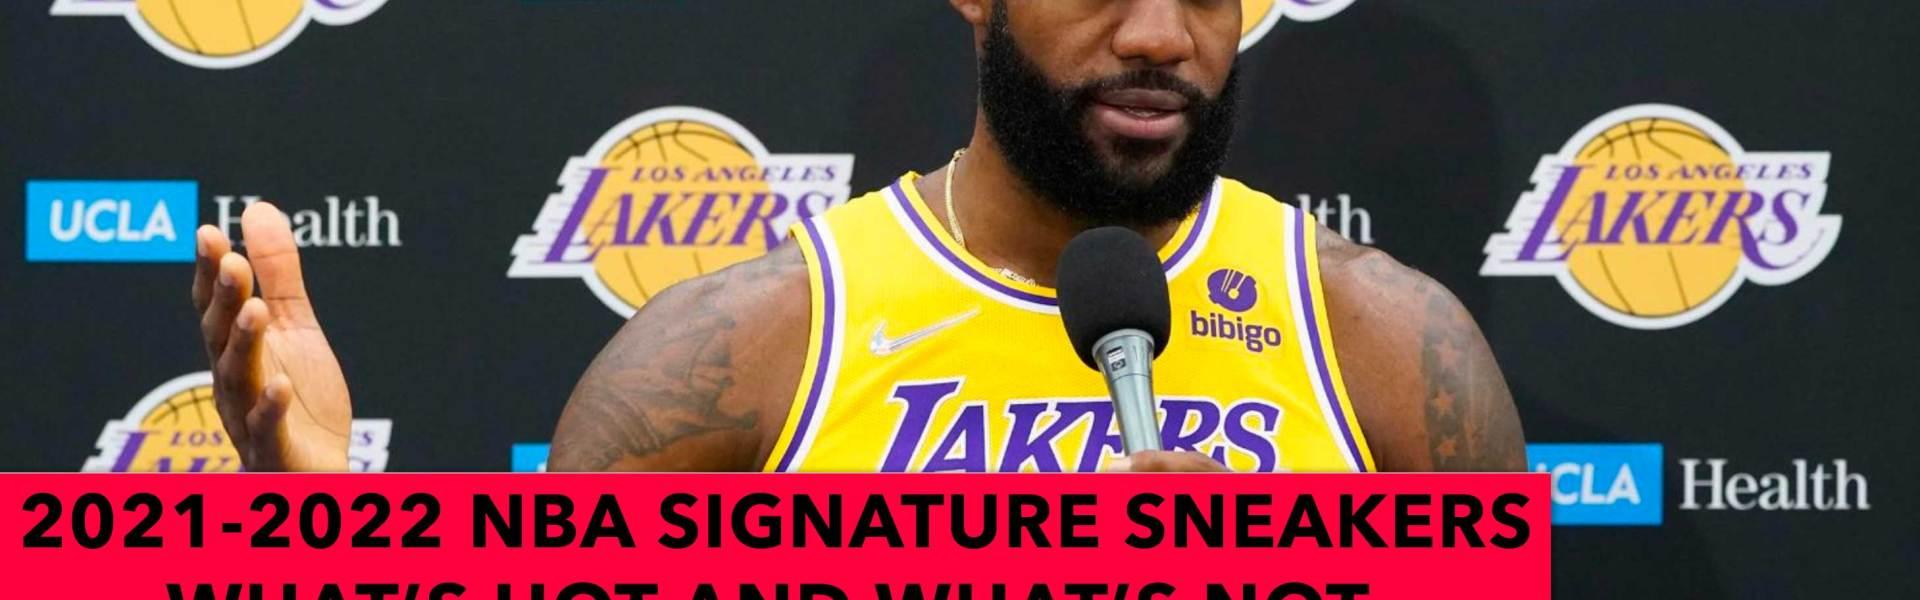 2022 NBA Signature Sneakers